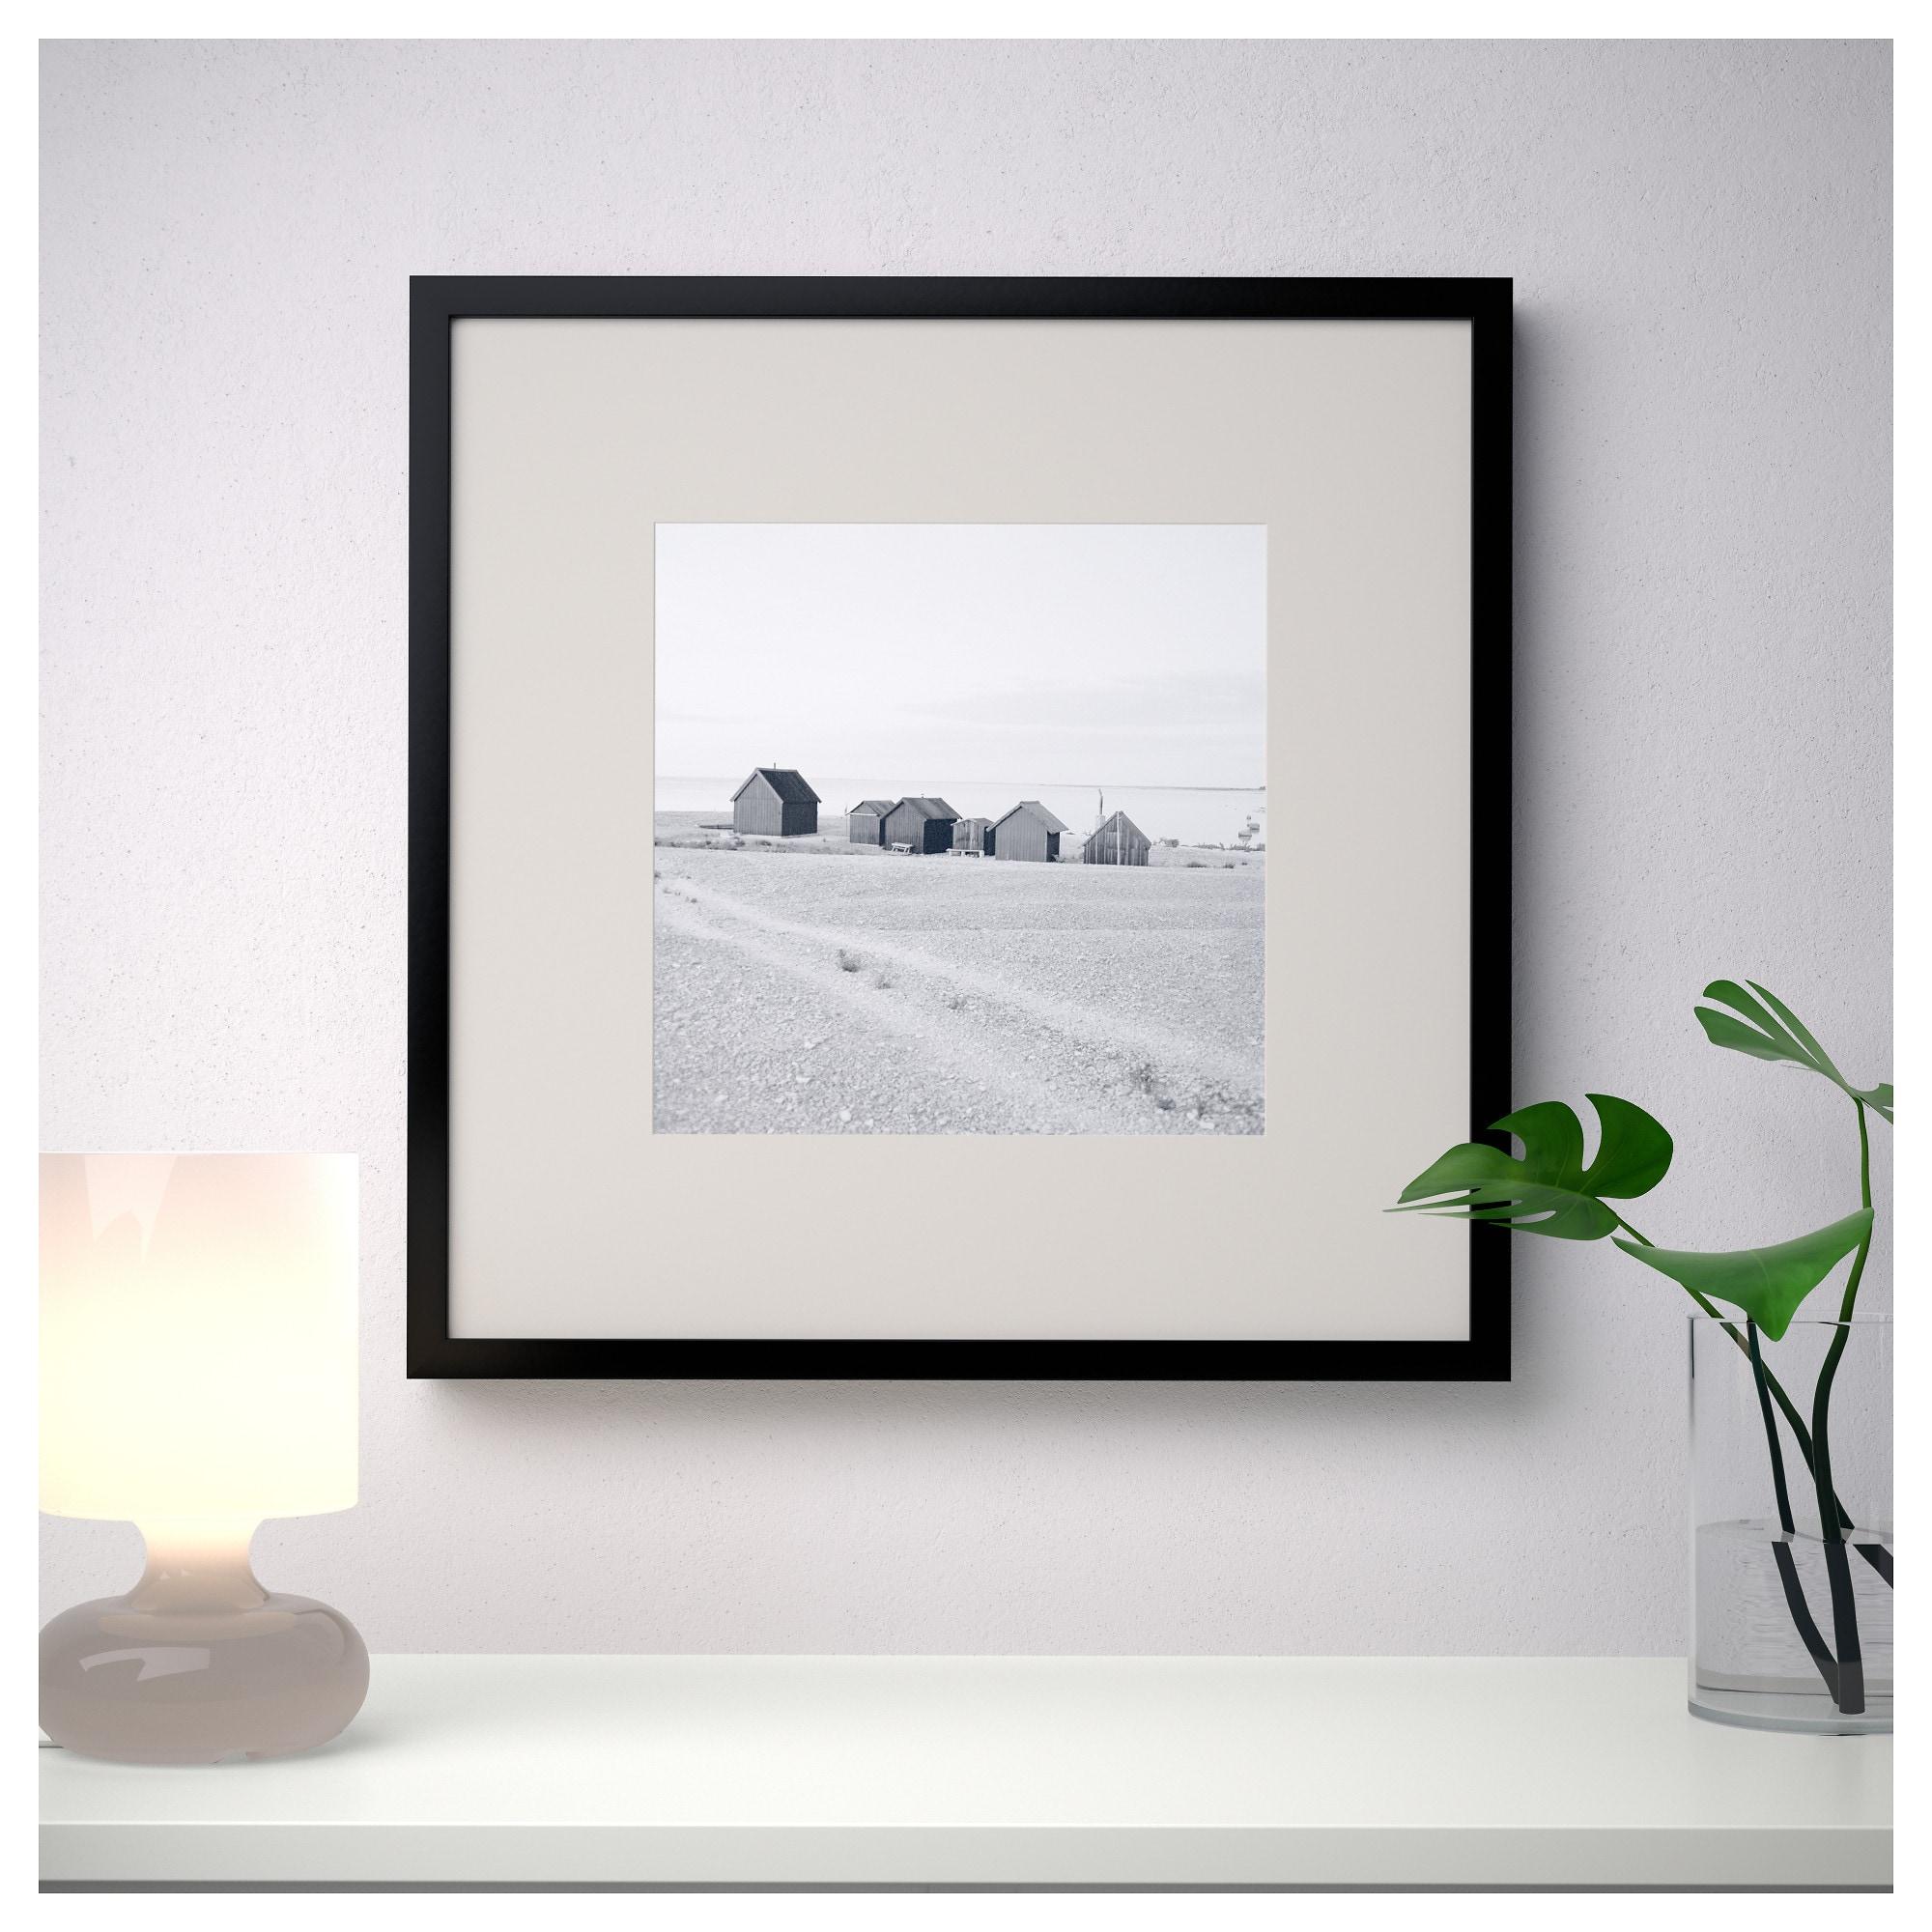 Ikea_Ribba_SquareFrame.jpg